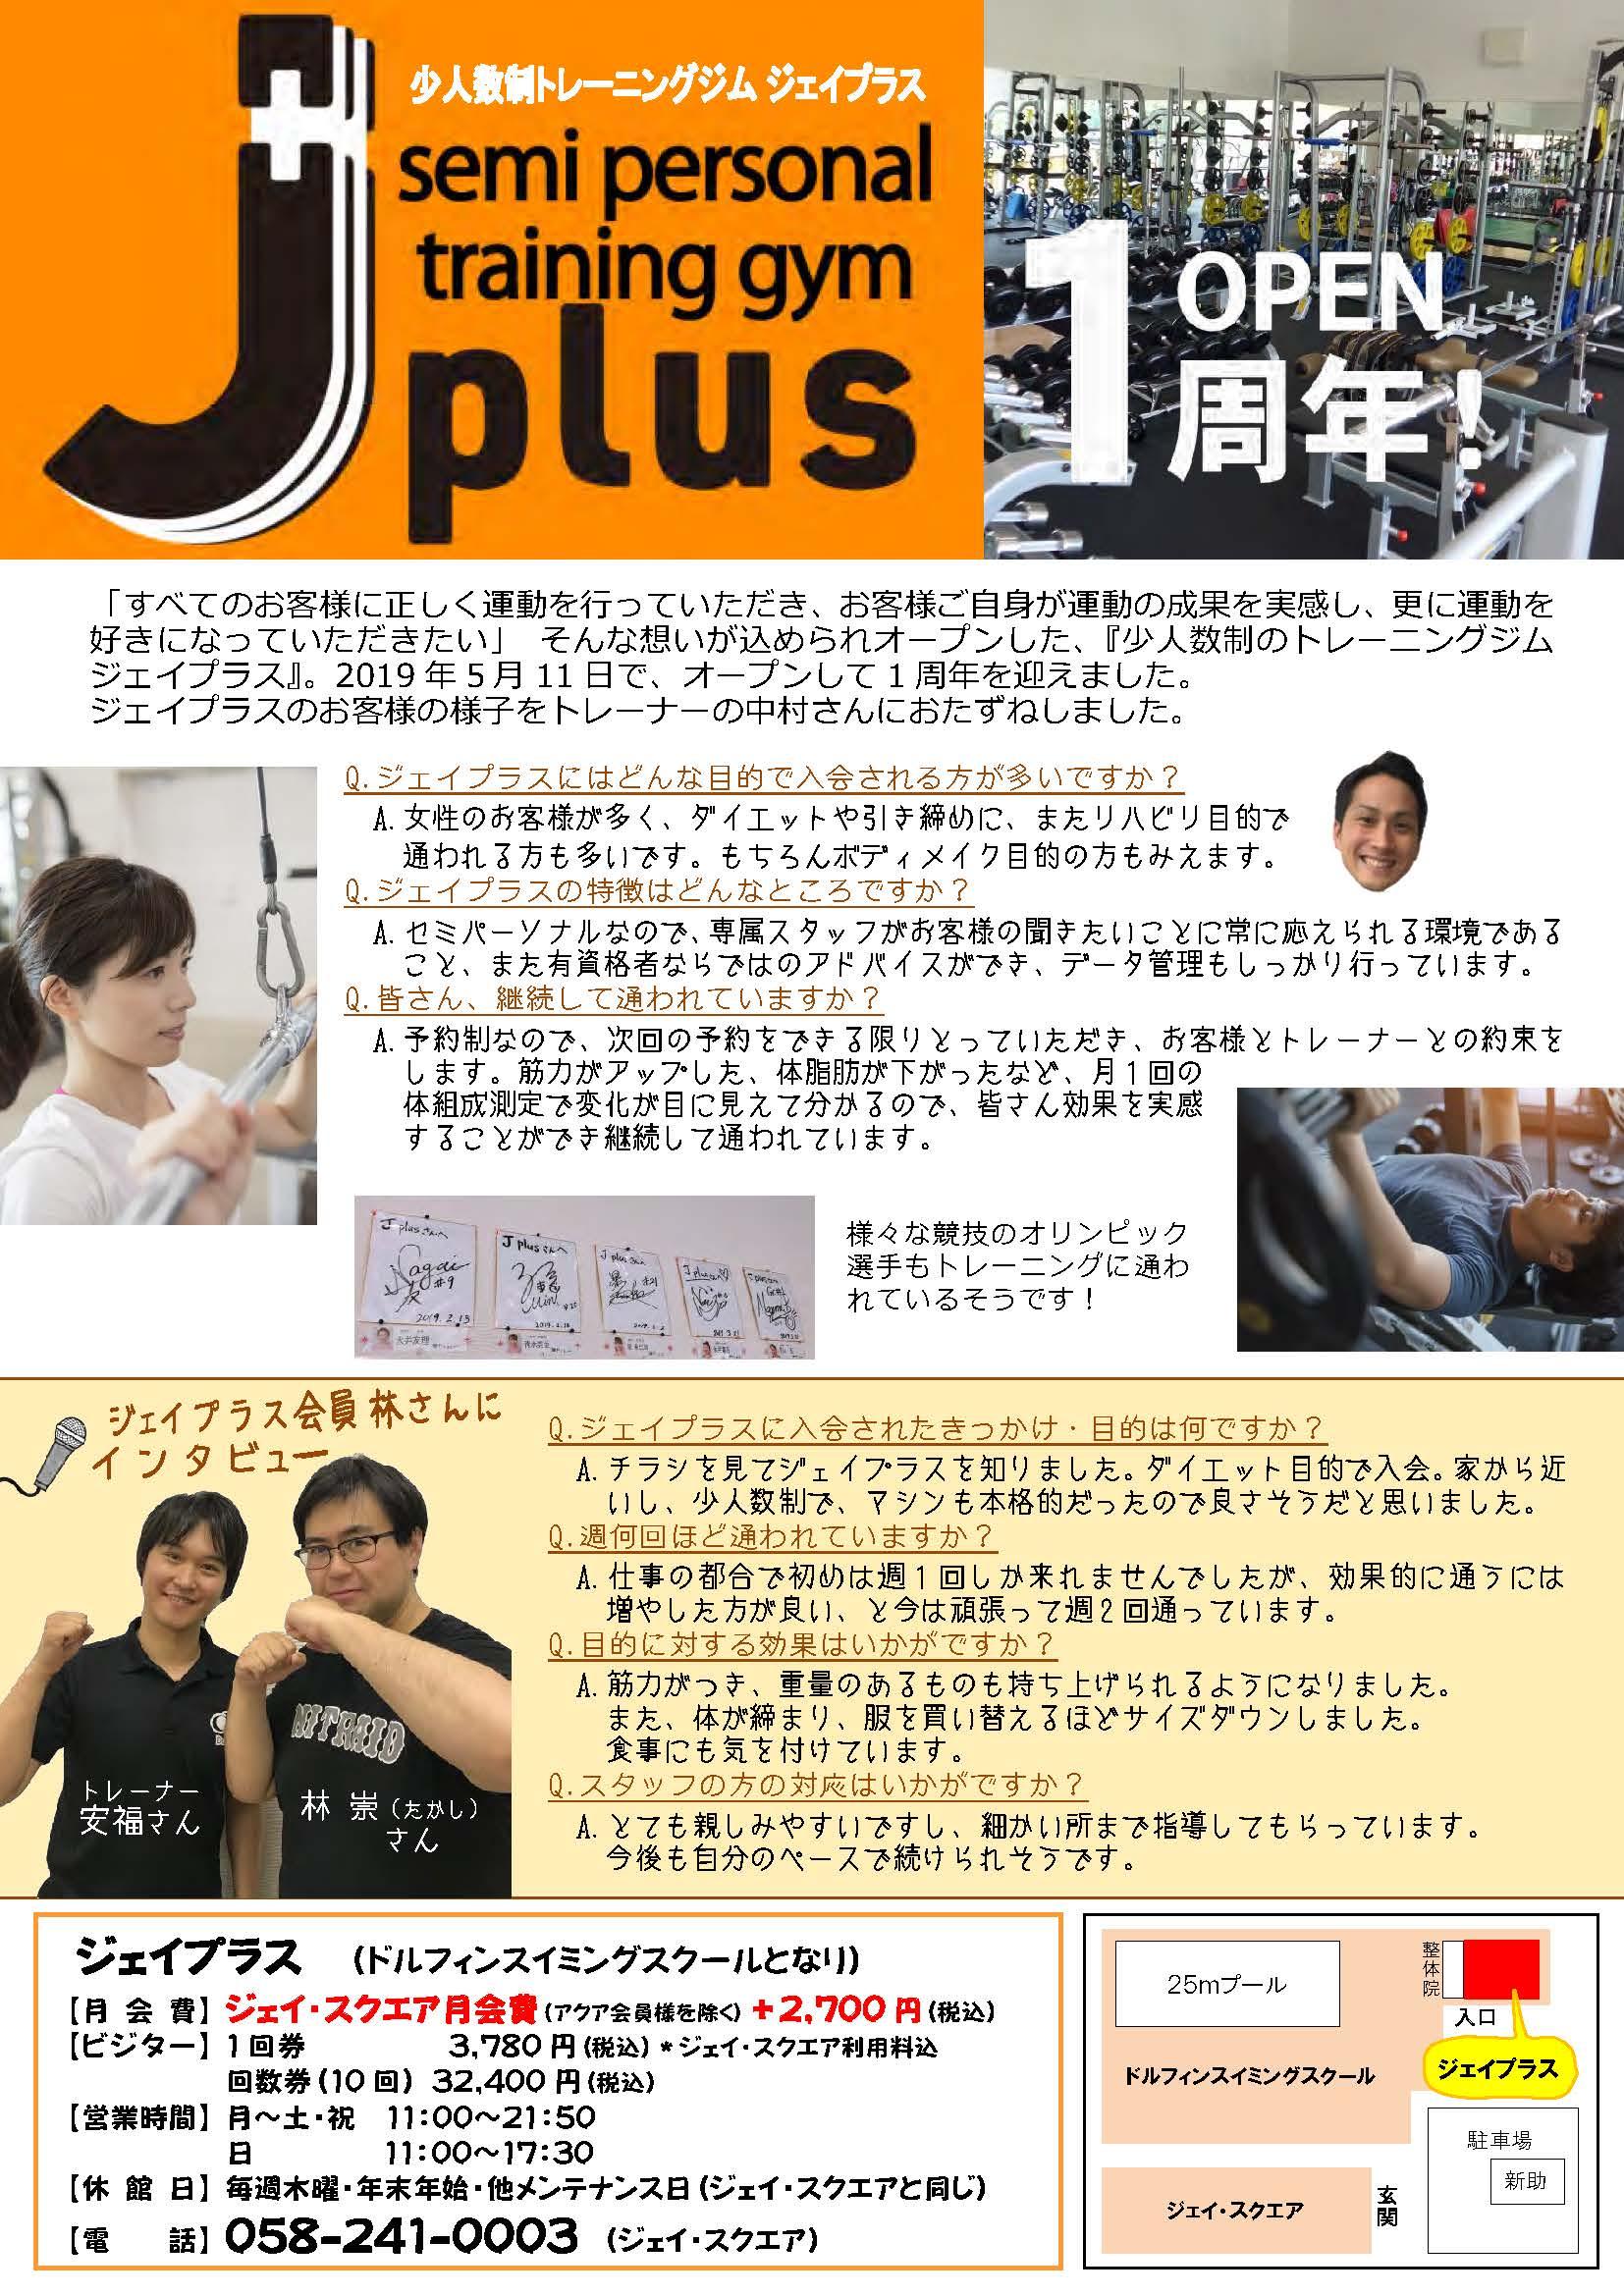 ドルフィン広報誌6月号校了_ページ_5